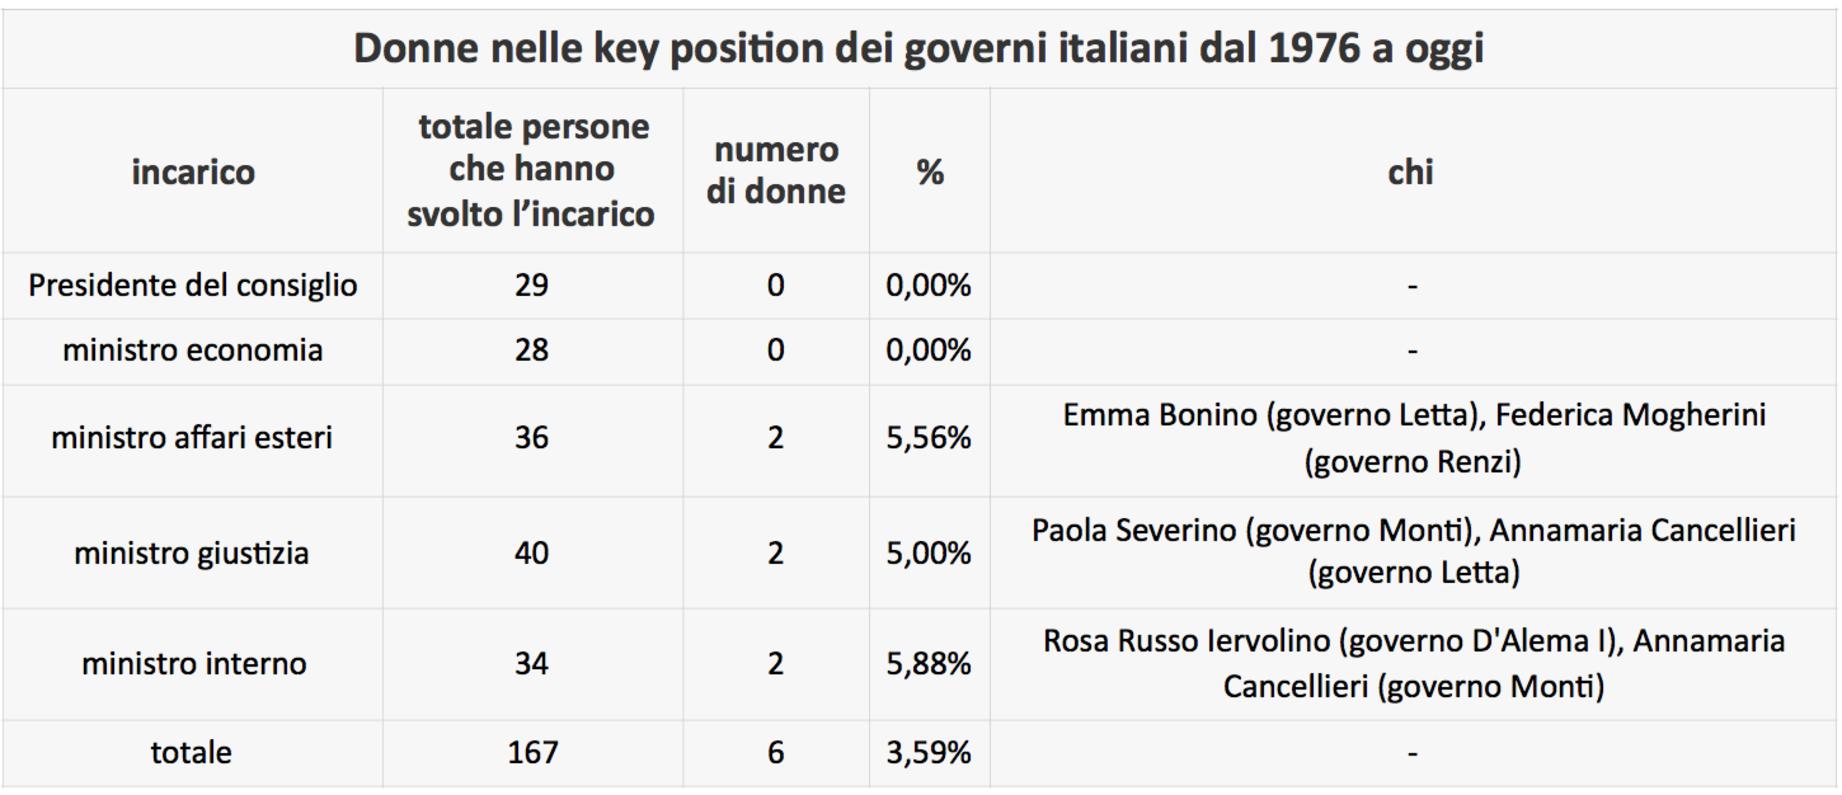 ac5fb176c38f ... questo pone il nostro paese nelle posizioni di rincalzo del continente  europeo: l'Italia è tredicesima in Europa per percentuale di donne ministro e  ben ...